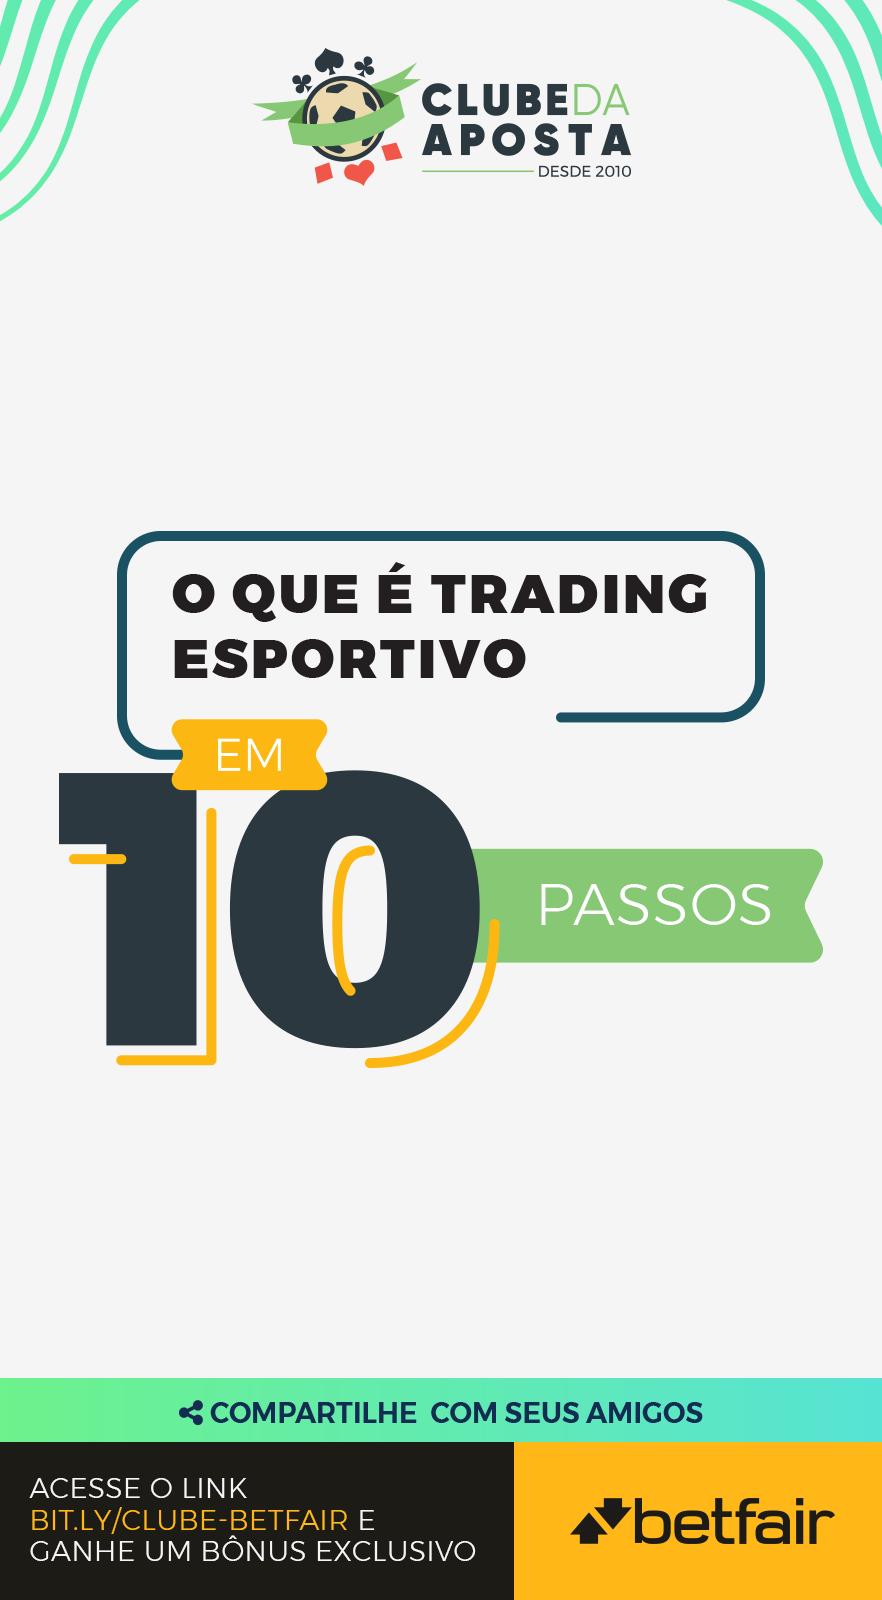 00-o-que-e-trading-esportivo